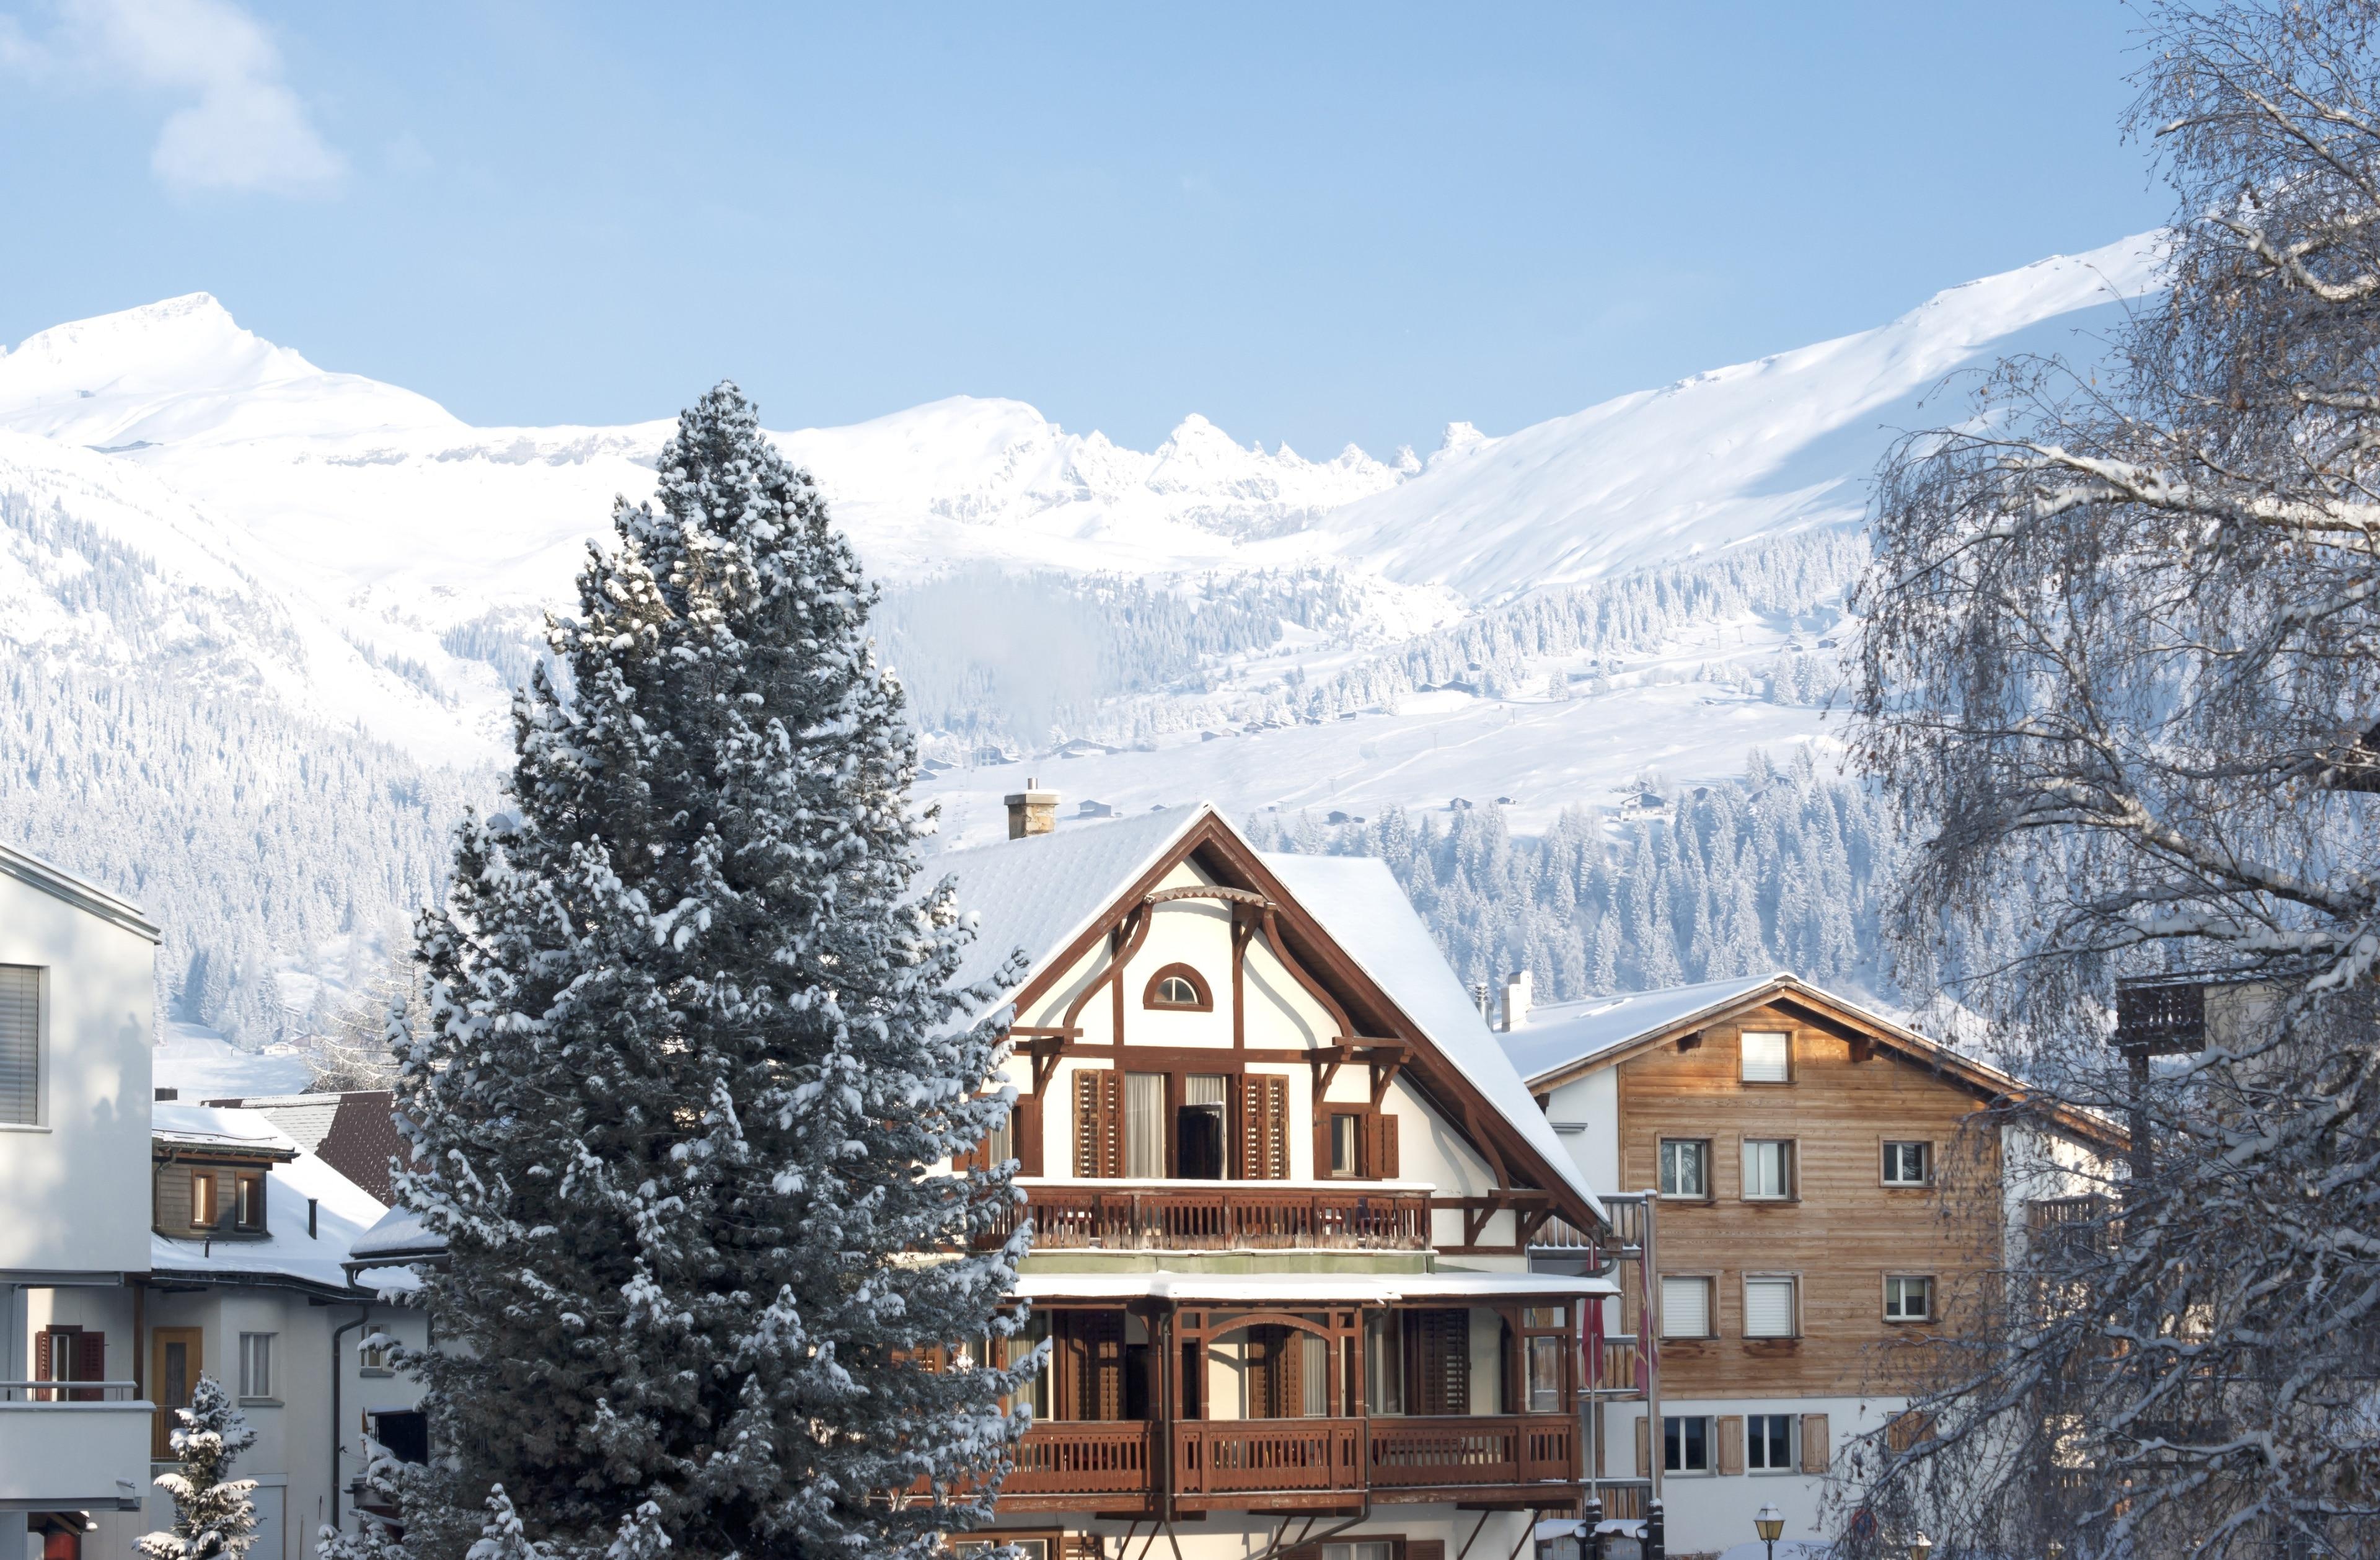 Wintersportort Flims, Flims, Graubünden, Schweiz